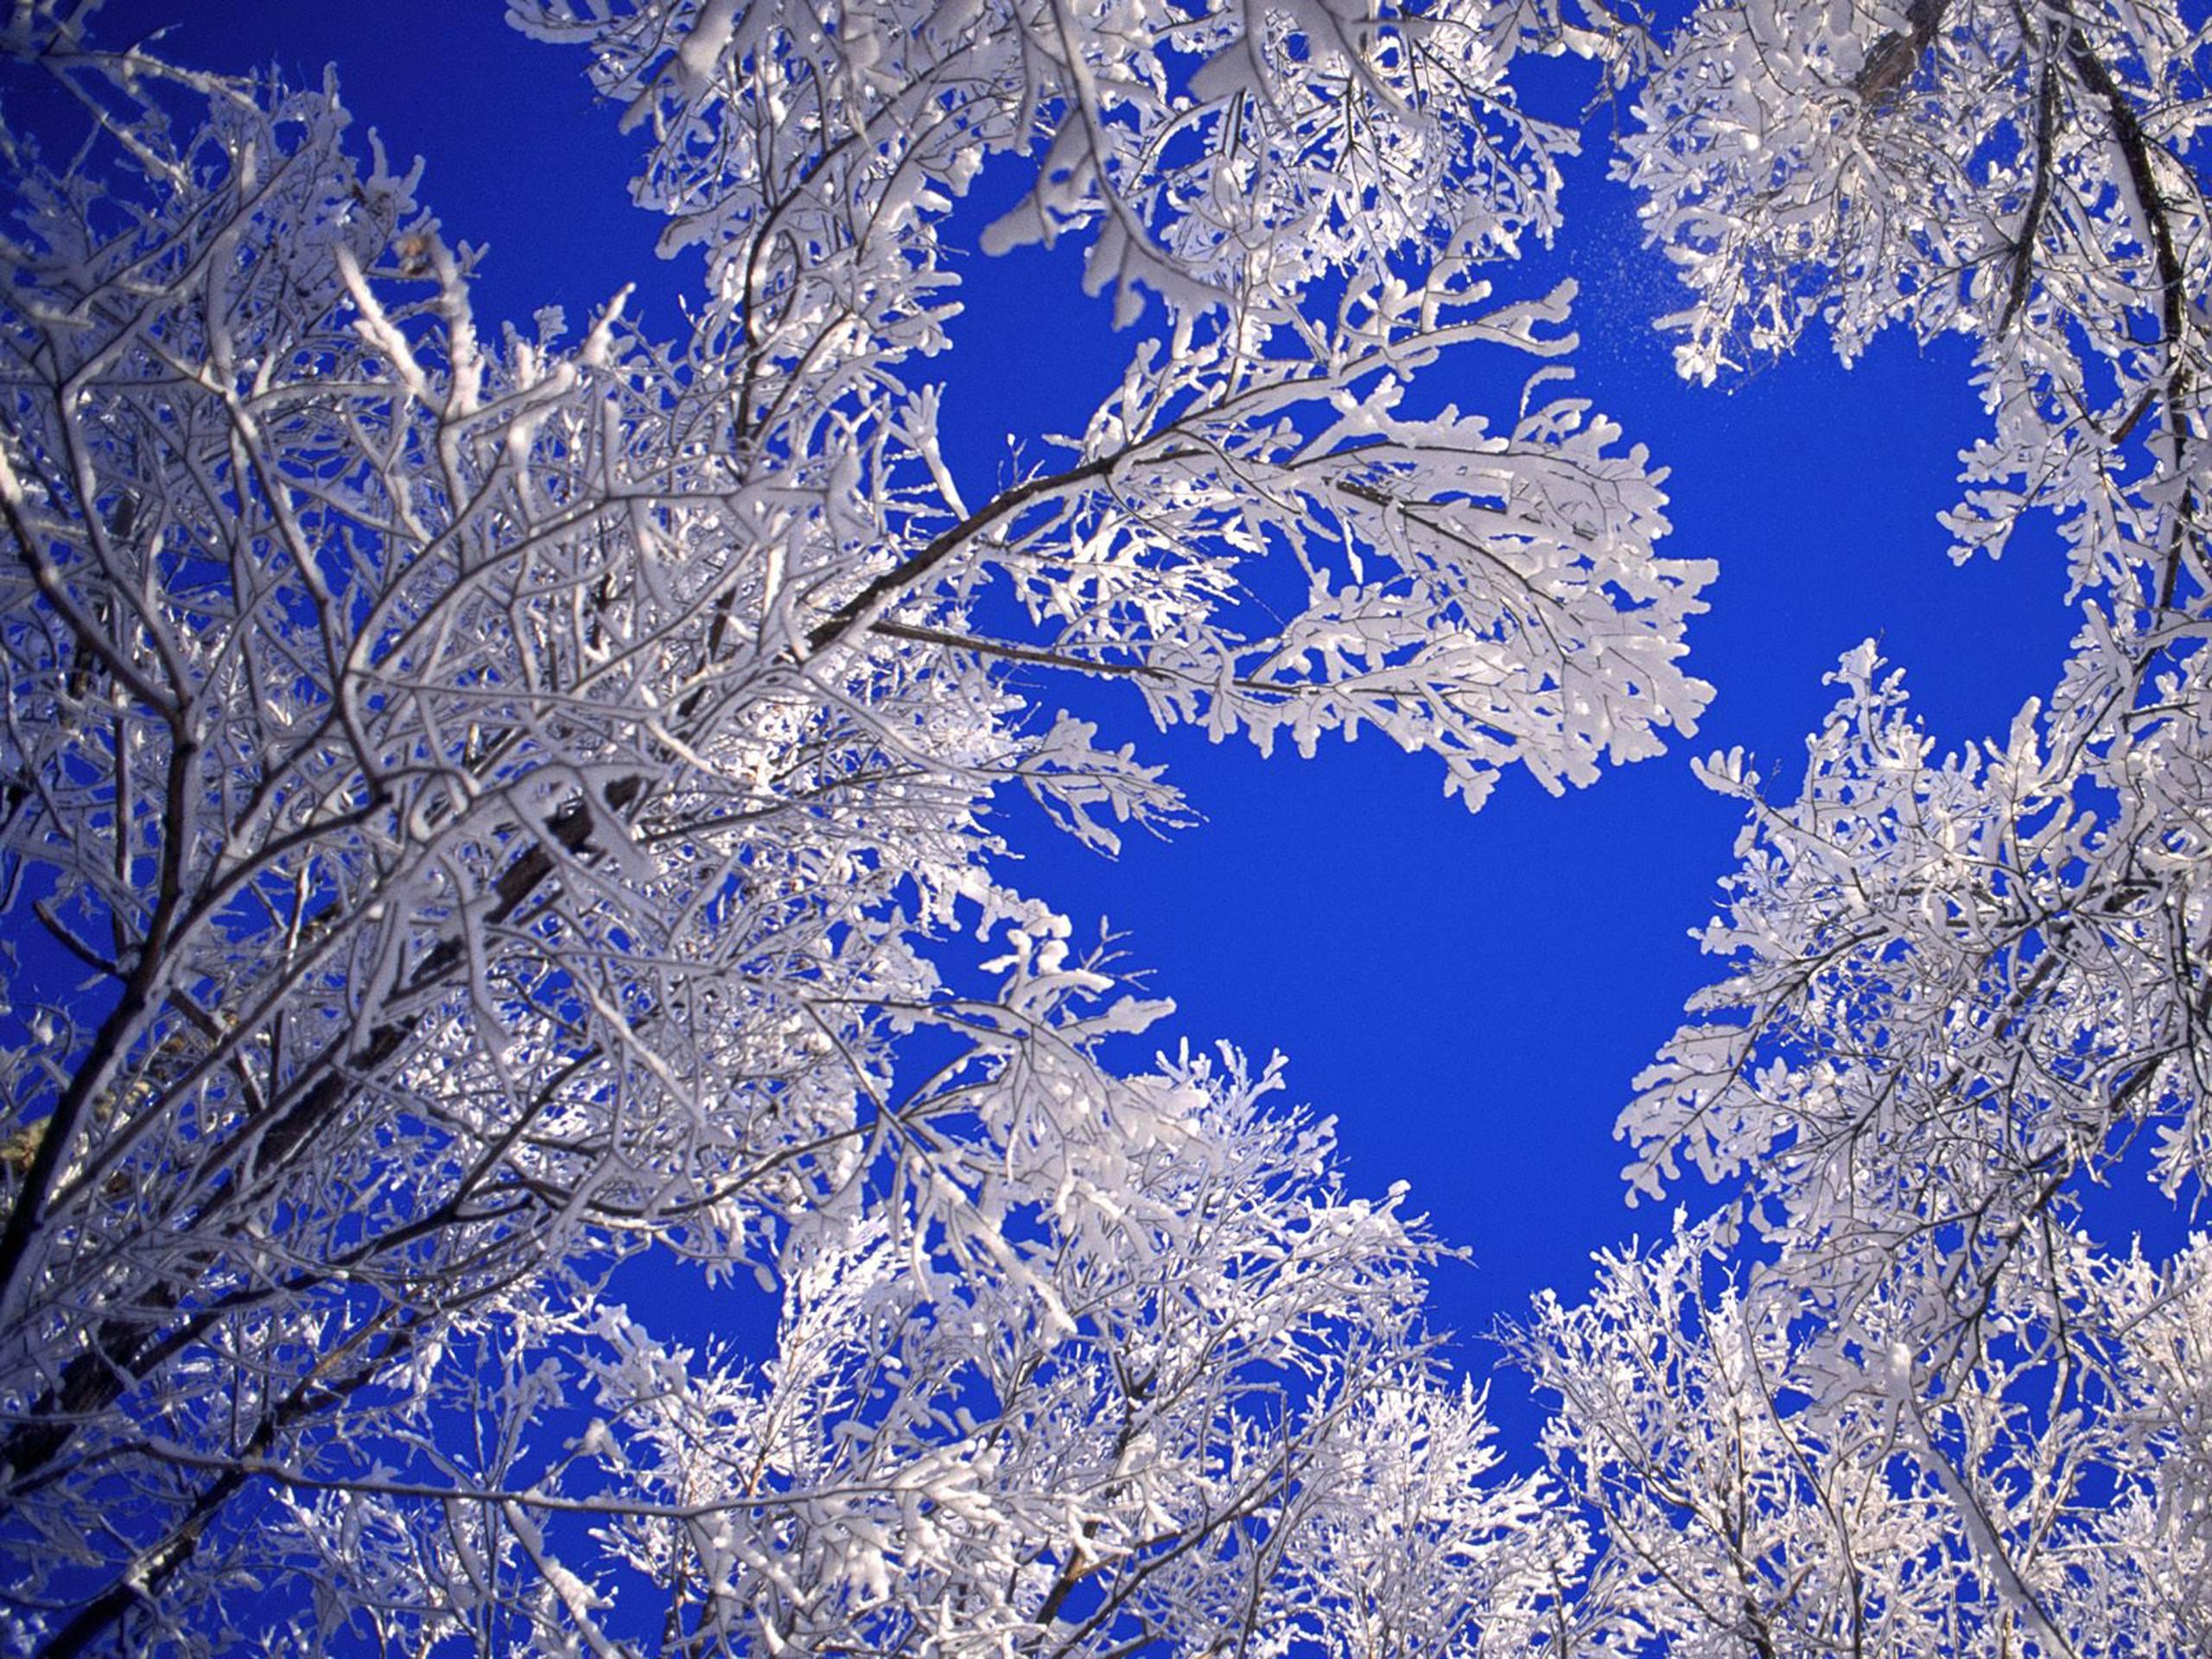 Free Desktop Wallpapers Winter Scenes Wallpaper Cave